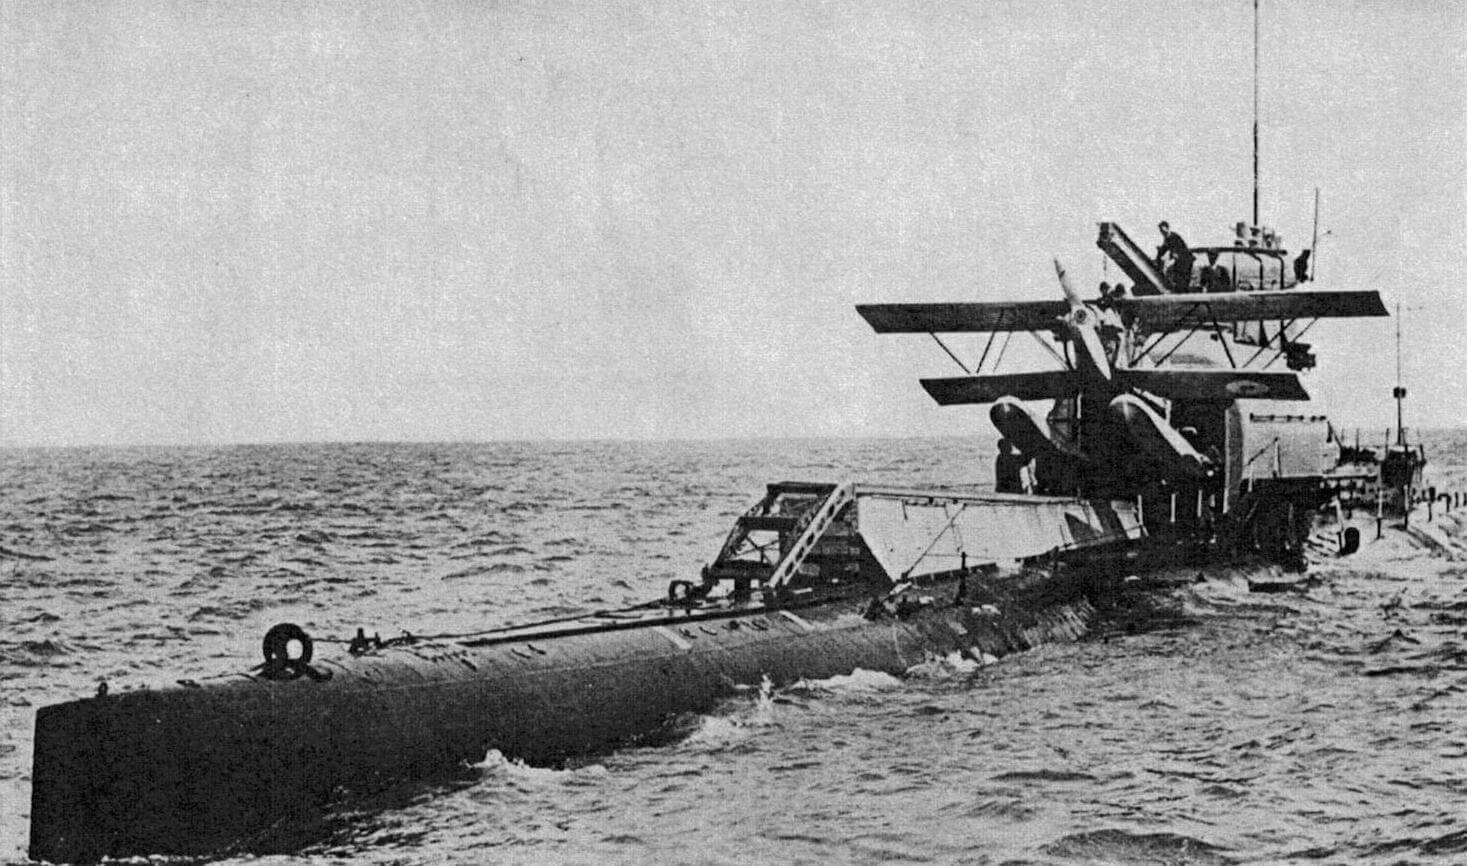 Британская субмарина М-2 с бортовым гидросамолетом Parnall Peto